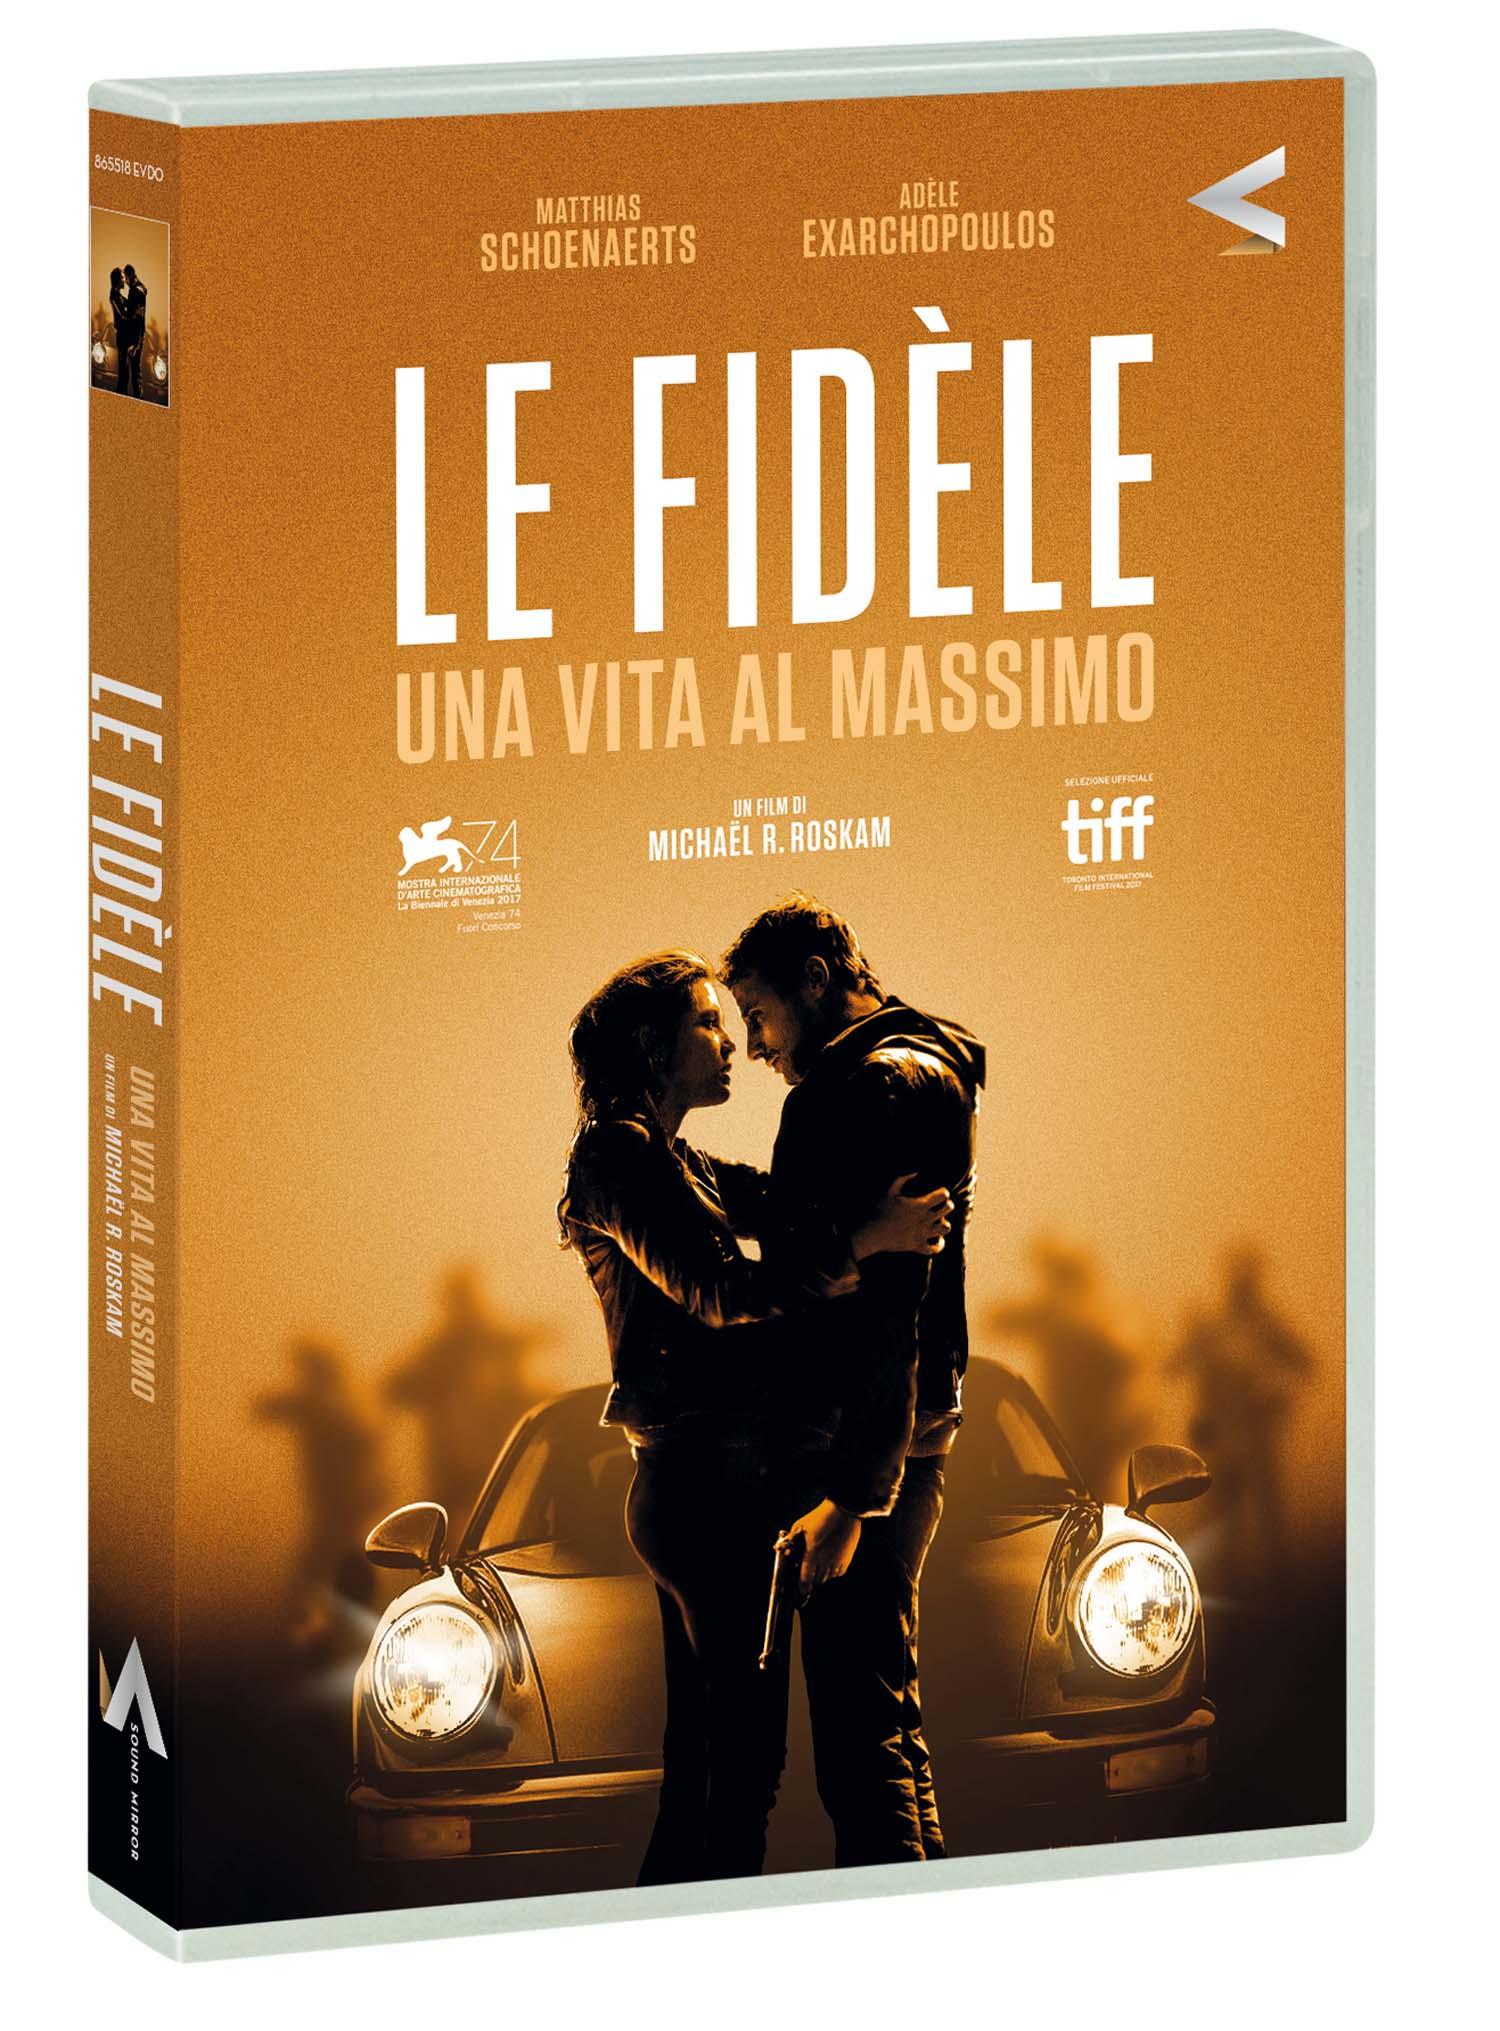 LE FIDELE - UNA VITA AL MASSIMO (DVD)